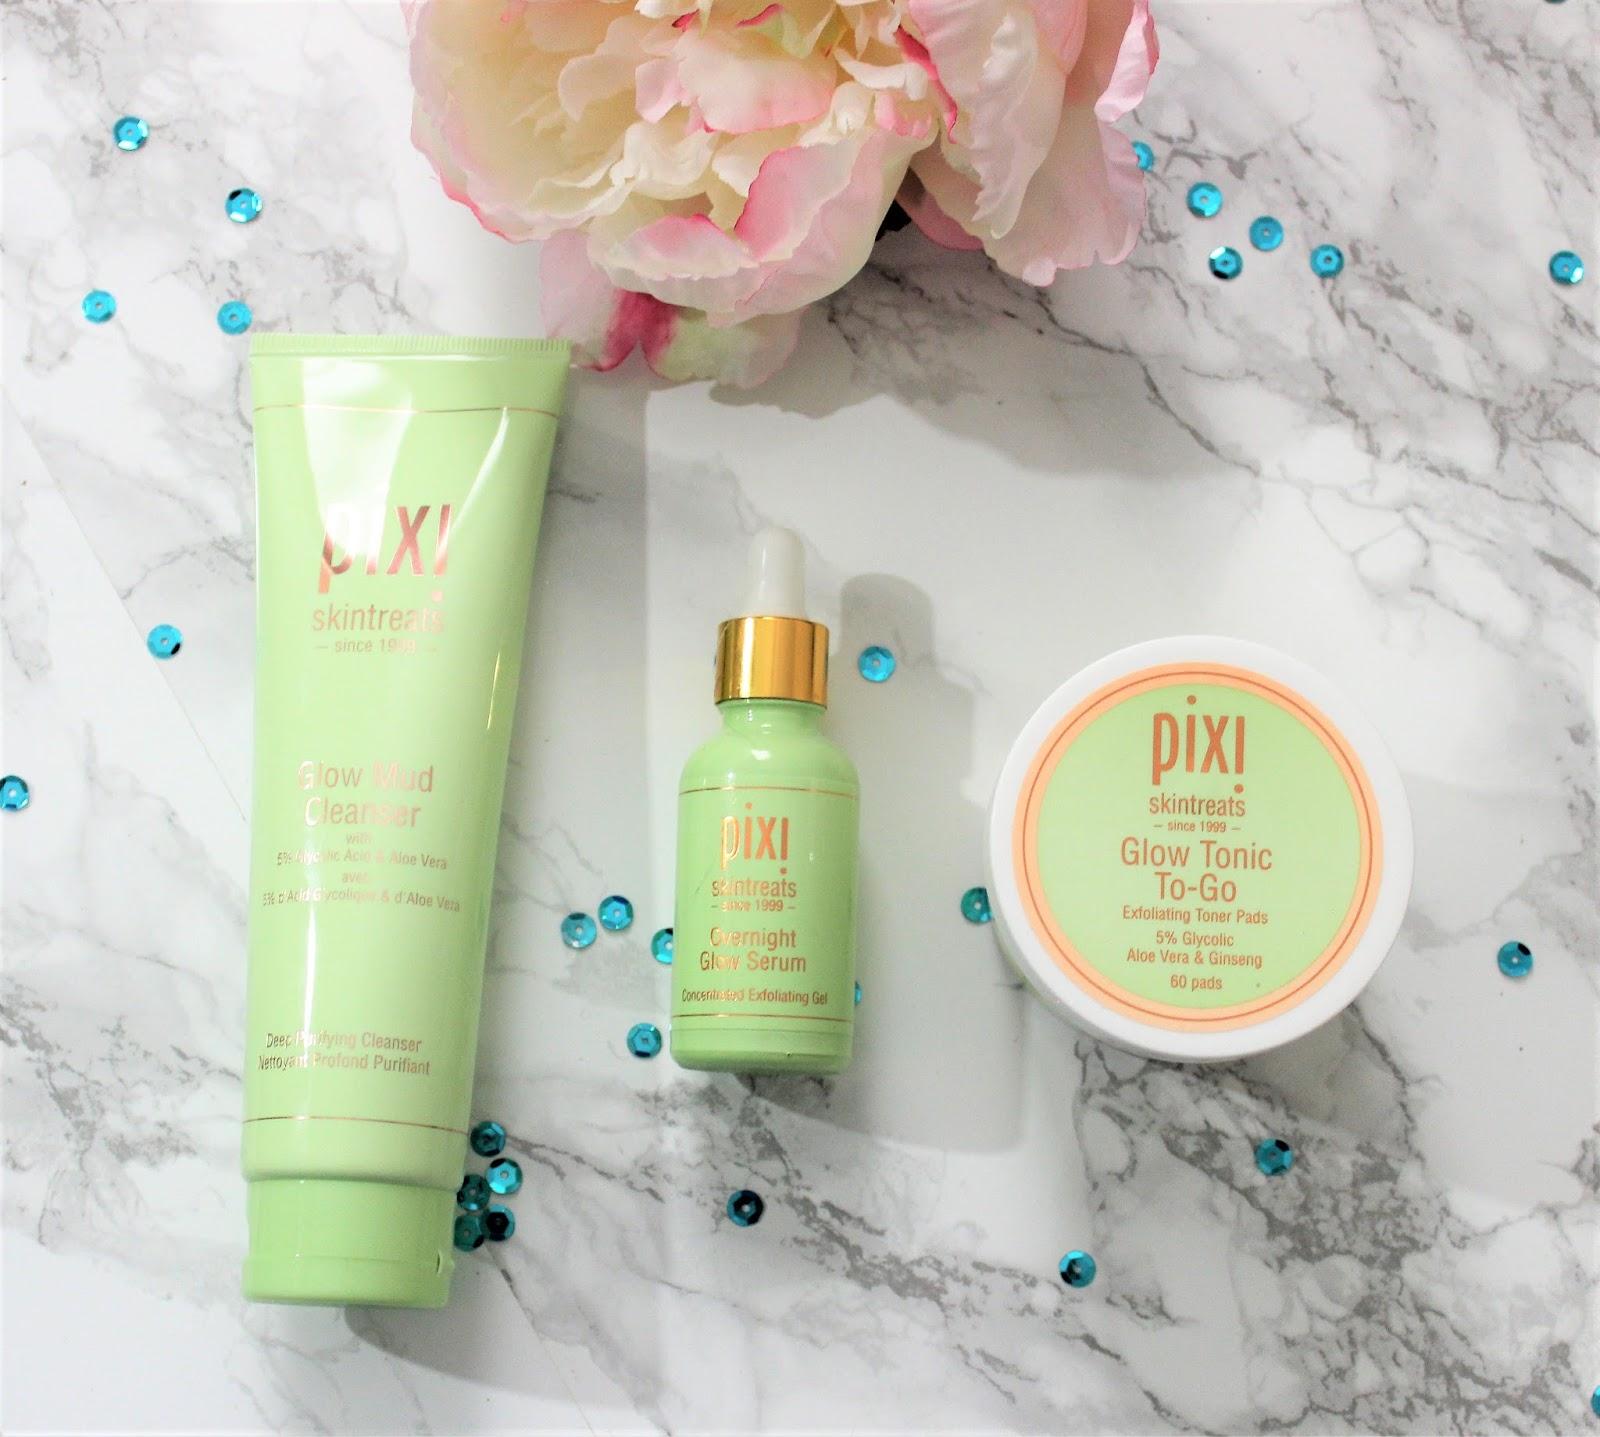 Pixi Skin care